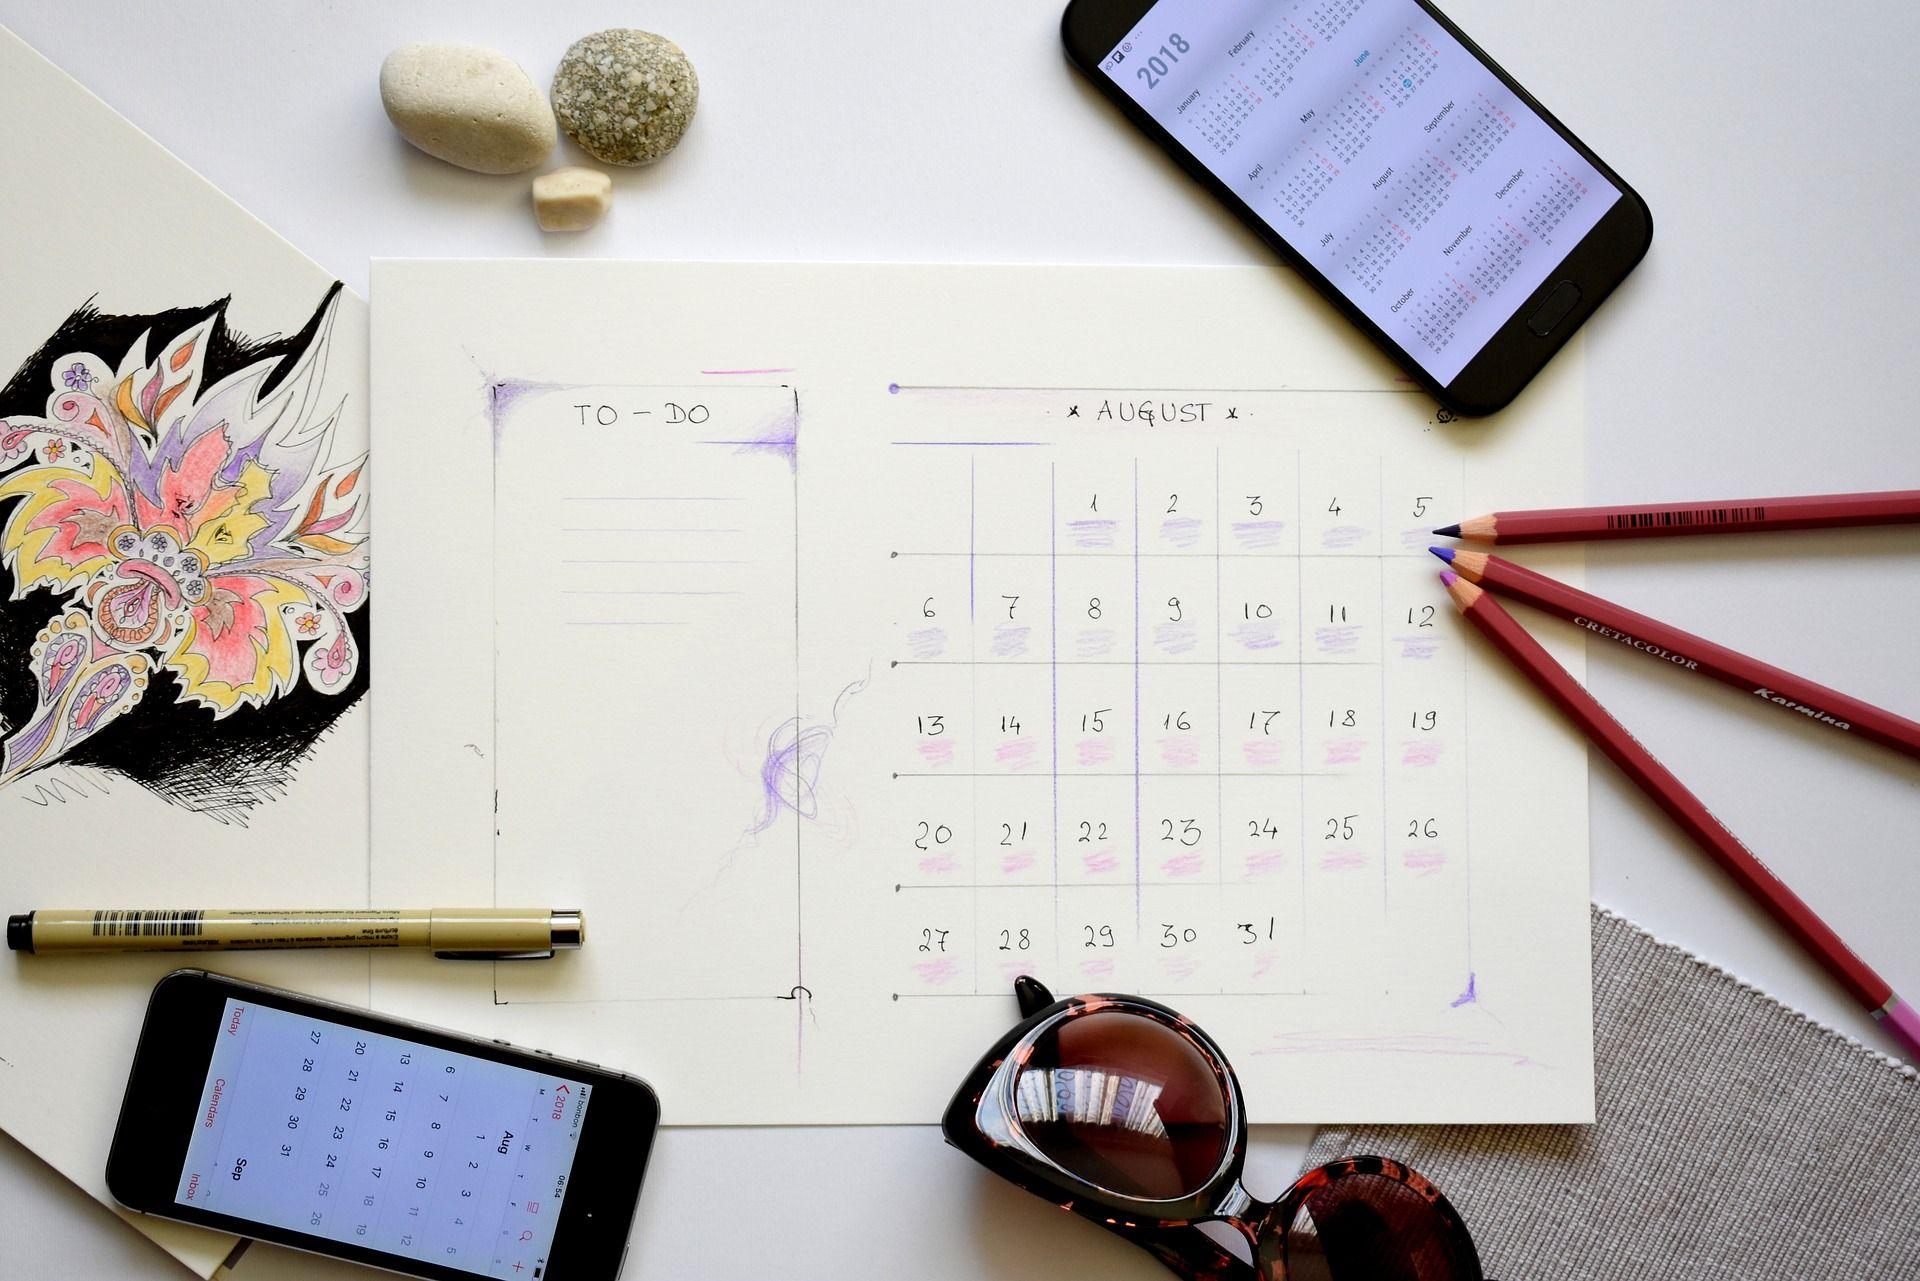 celular, calendário e lápis em cima de mesa